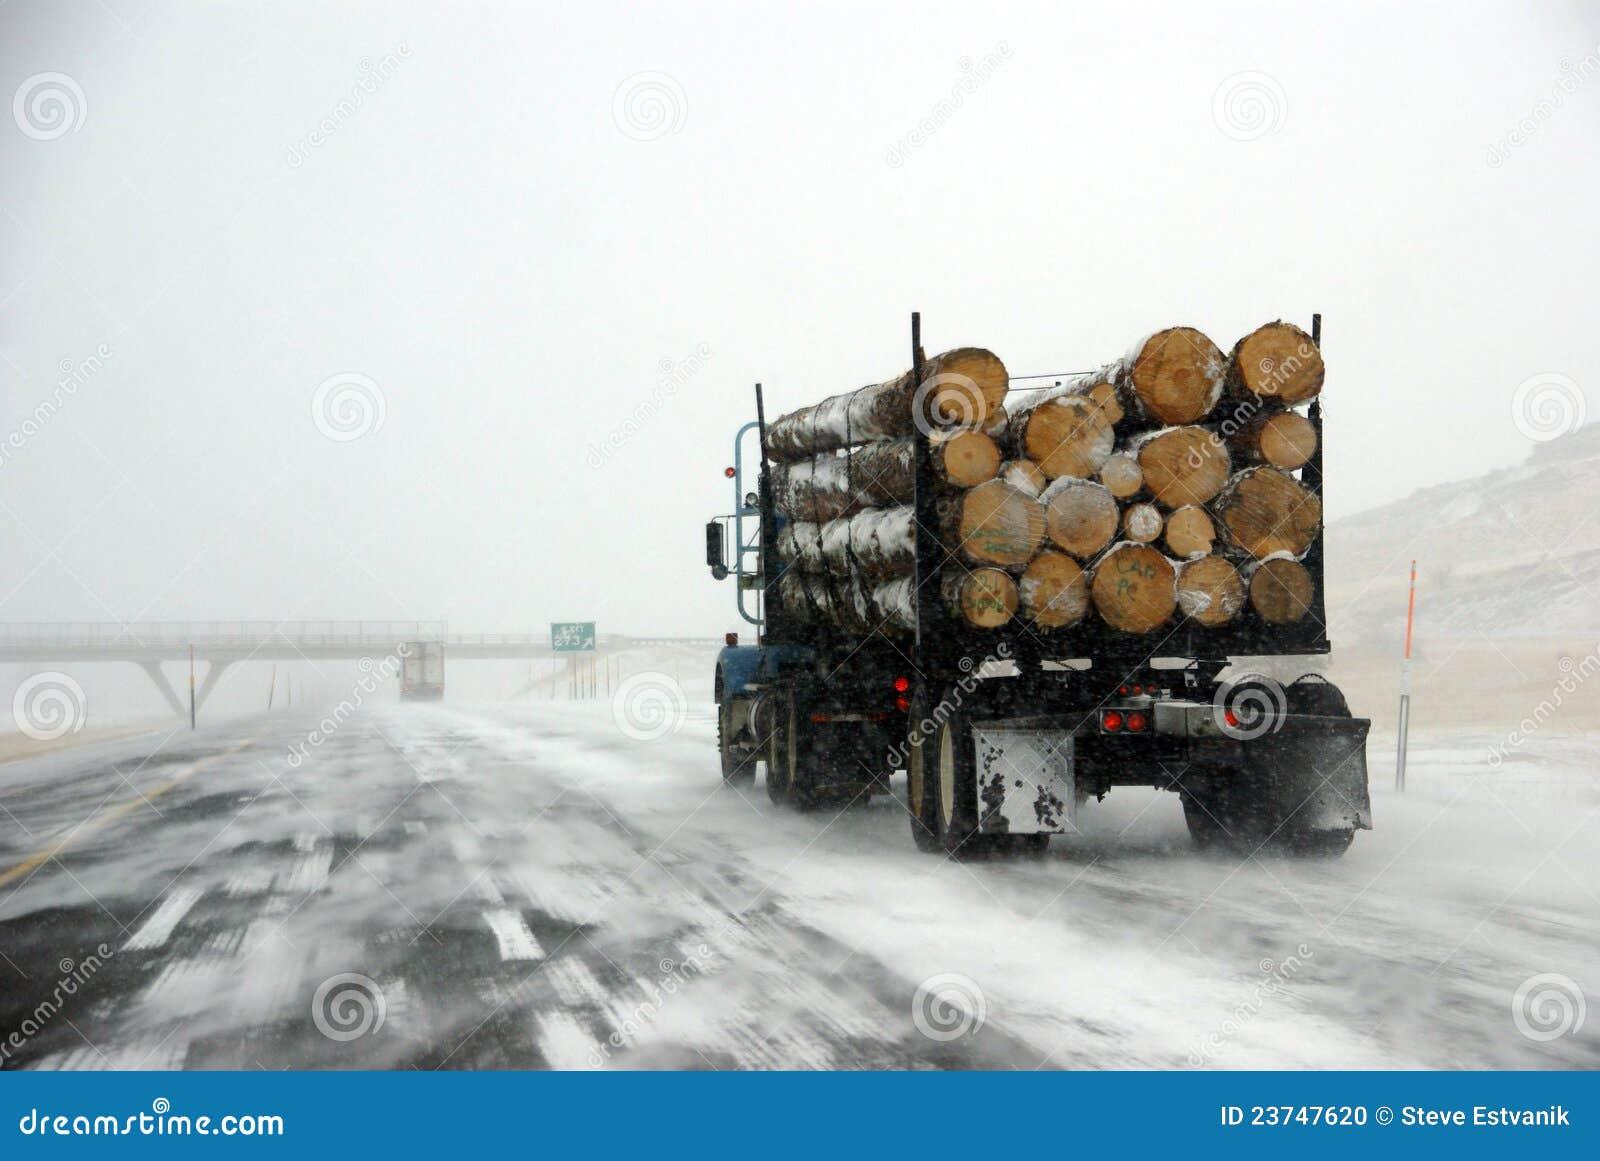 冰冷的伐木通路卡车